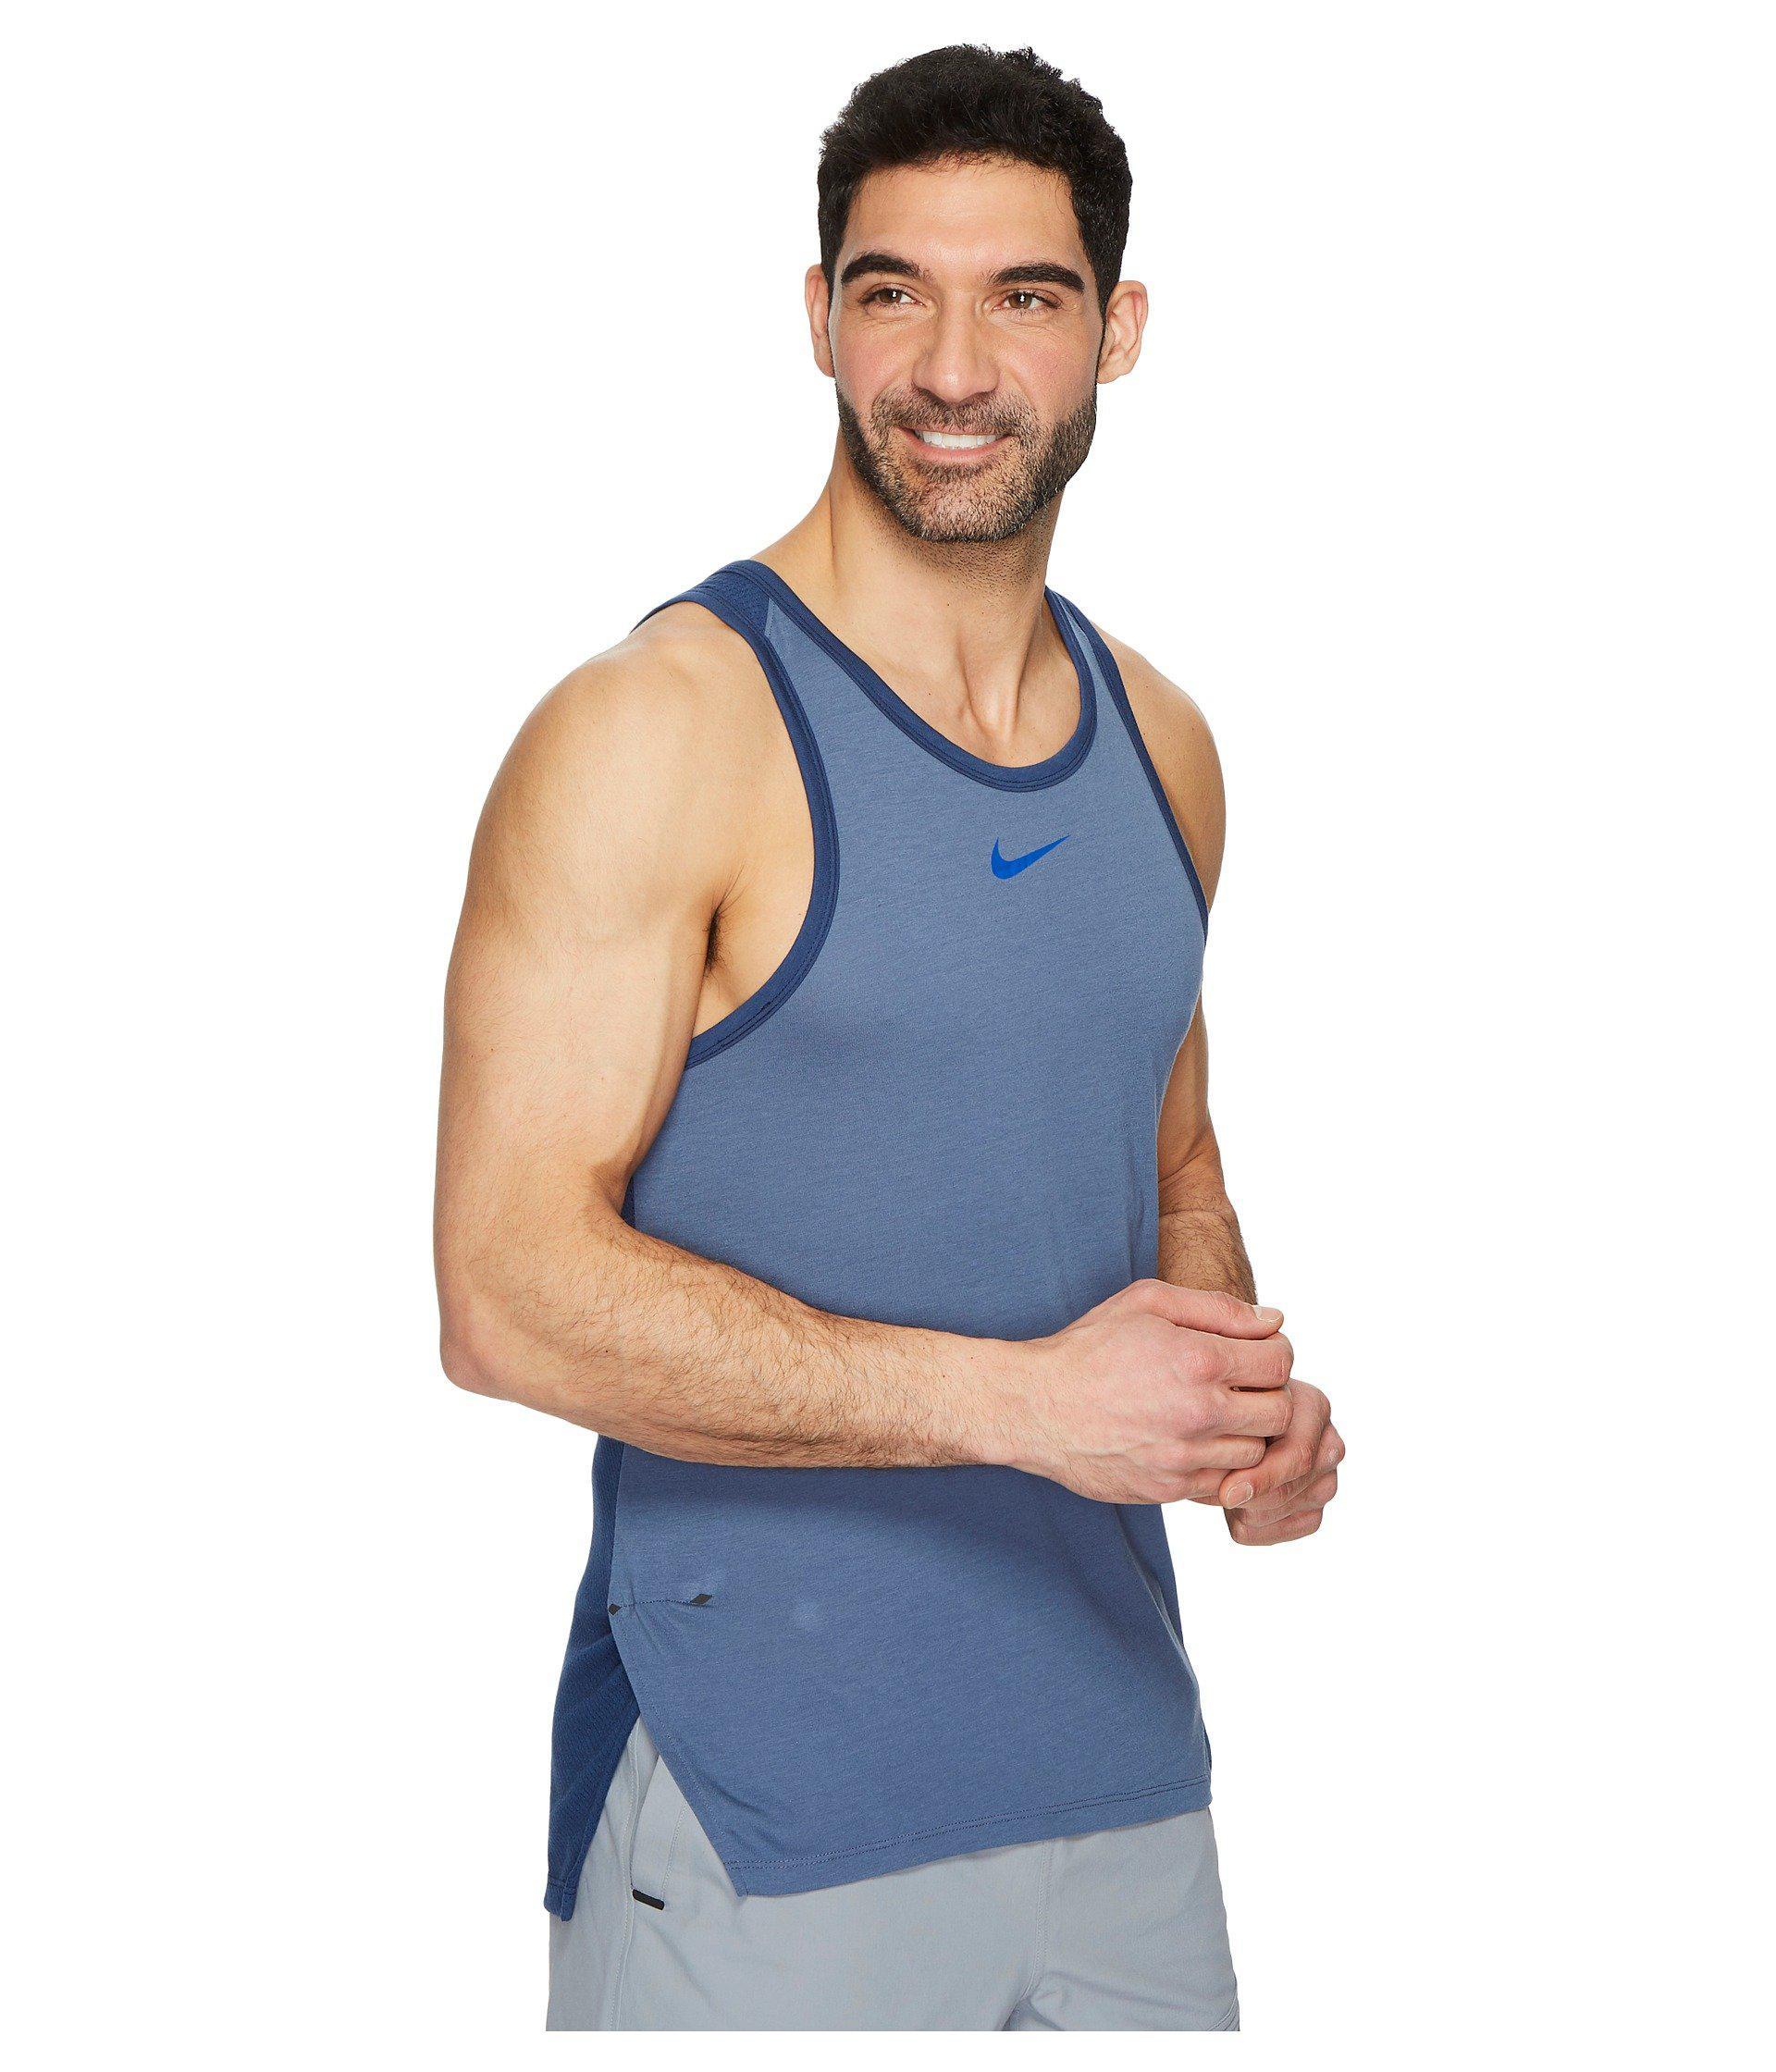 d534c02862866 Lyst - Nike Breathe Elite Sleeveless Top in Blue for Men